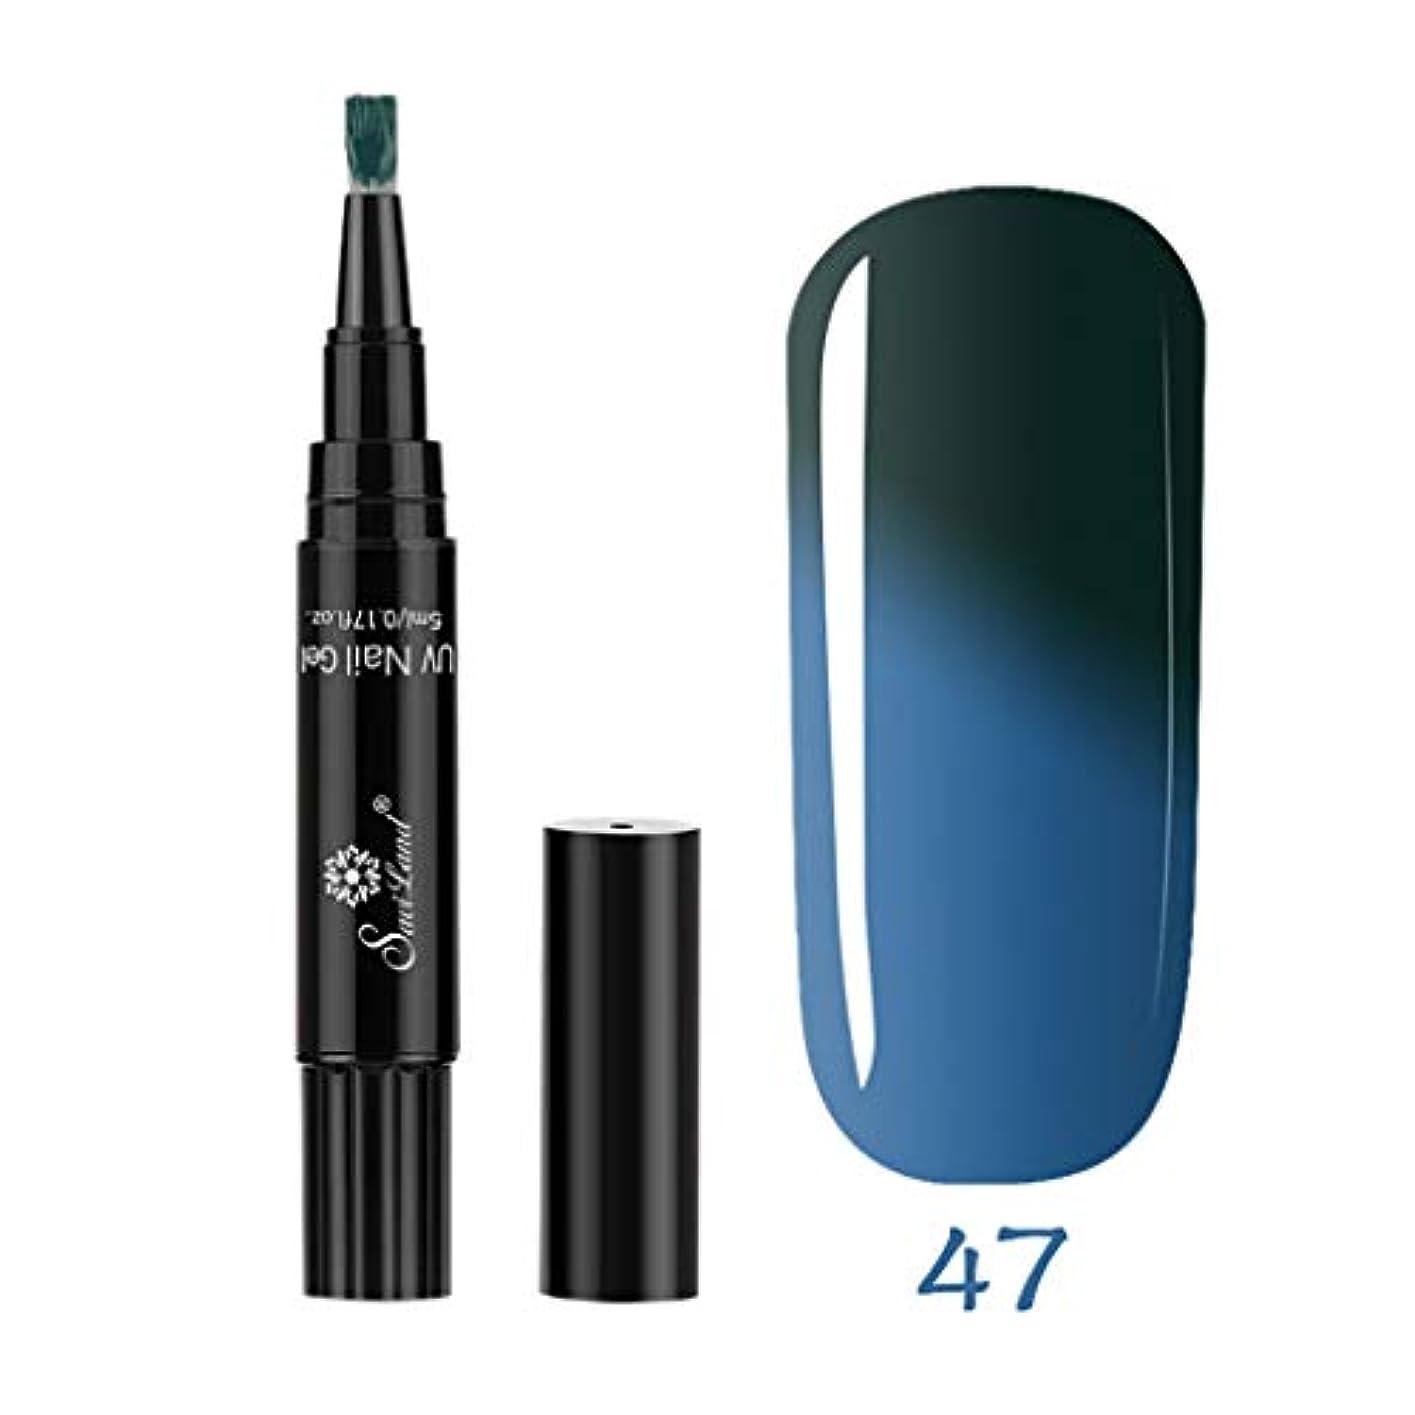 心理的に懸念窒息させる1ステップネイルジェルペンに1 Pc 3 UV温度変更ジェルを使用するには1ステップネイル (H)